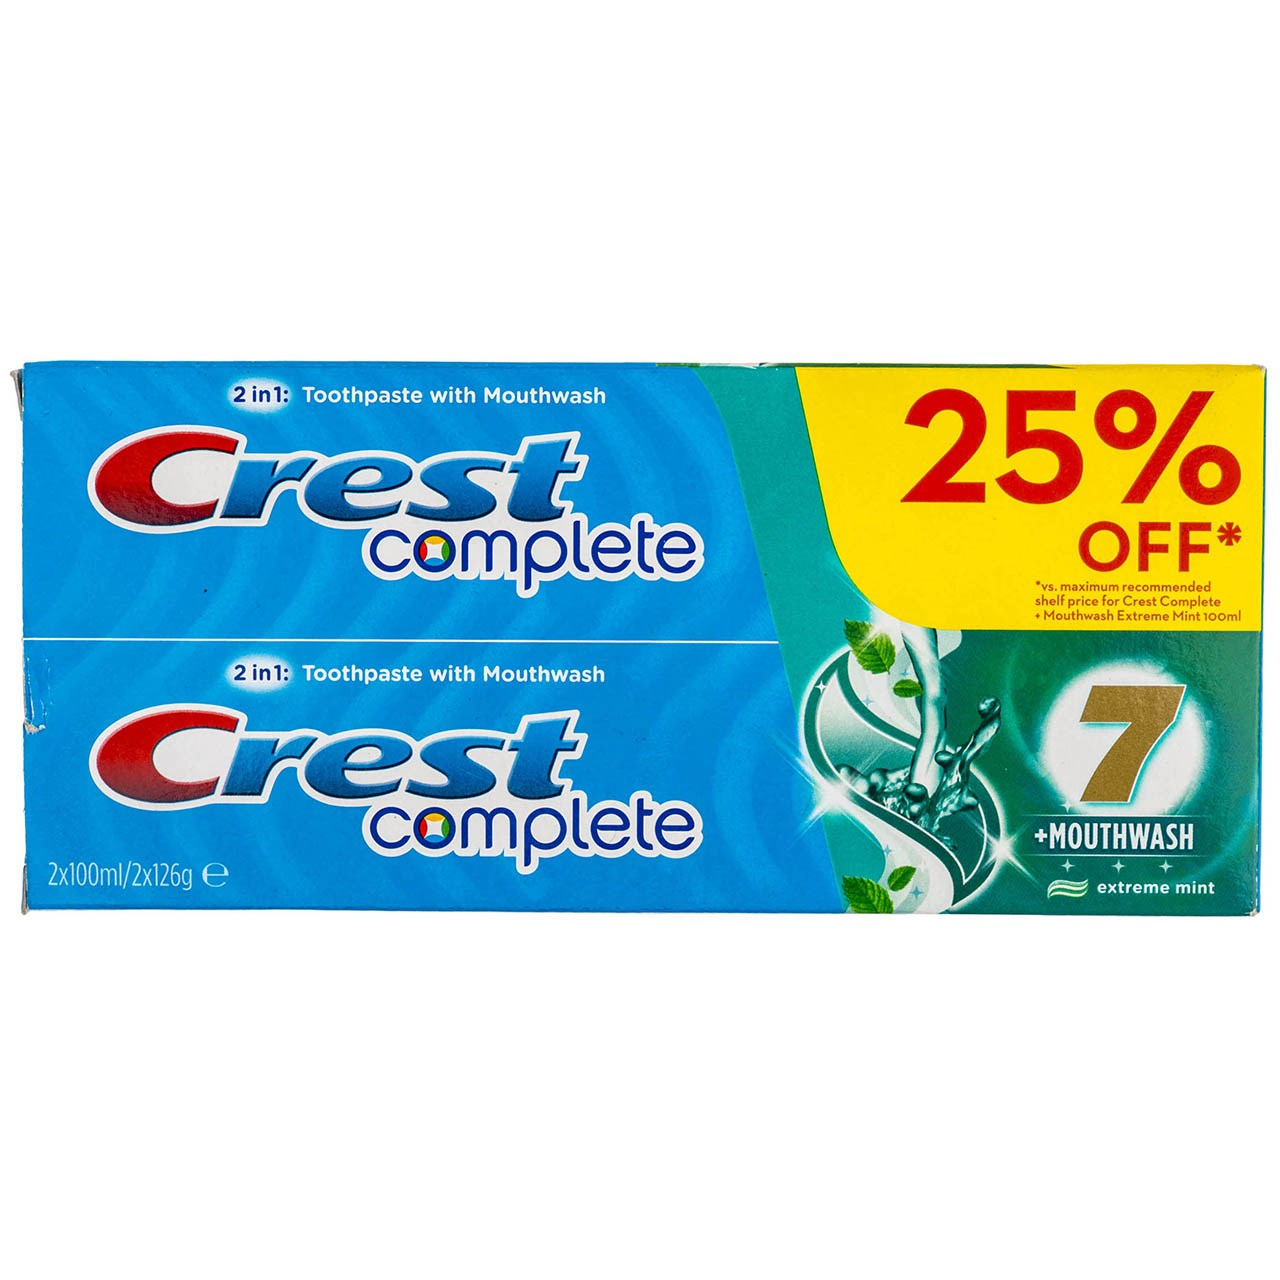 قیمت پک خمیر دندان کرست مدل C7 Plus Mouthwash حجم 100 میلی لیتر بسته 2 عددی